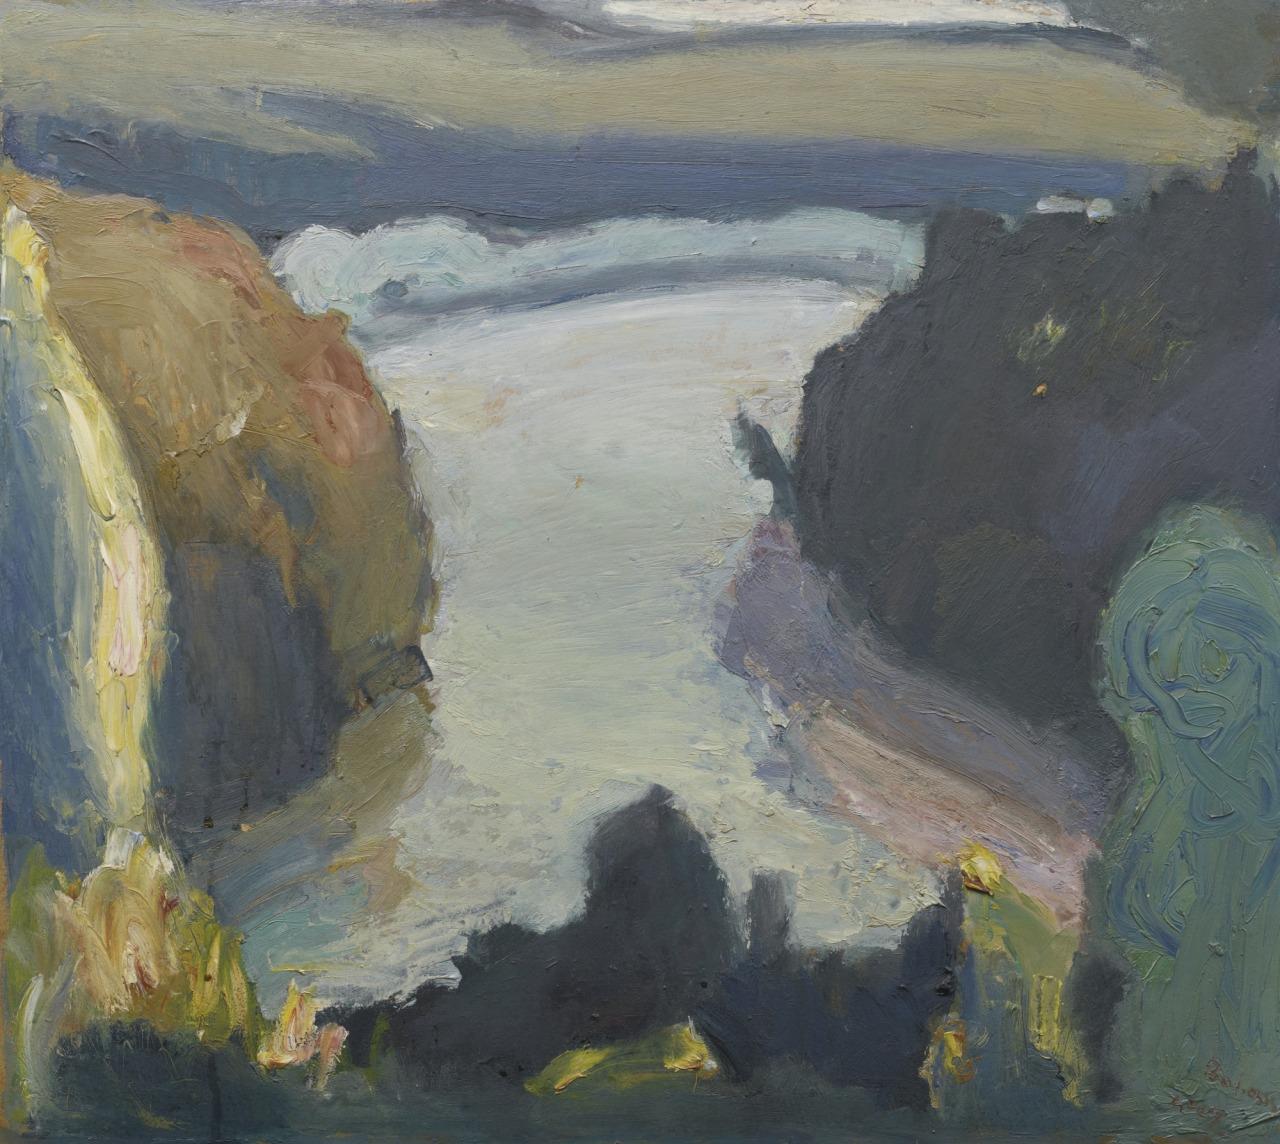 thunderstruck9:  Georgios Bouzianis (Greek, 1885-1959), Landscape. Oil on board, 59 x 66.5 cm.